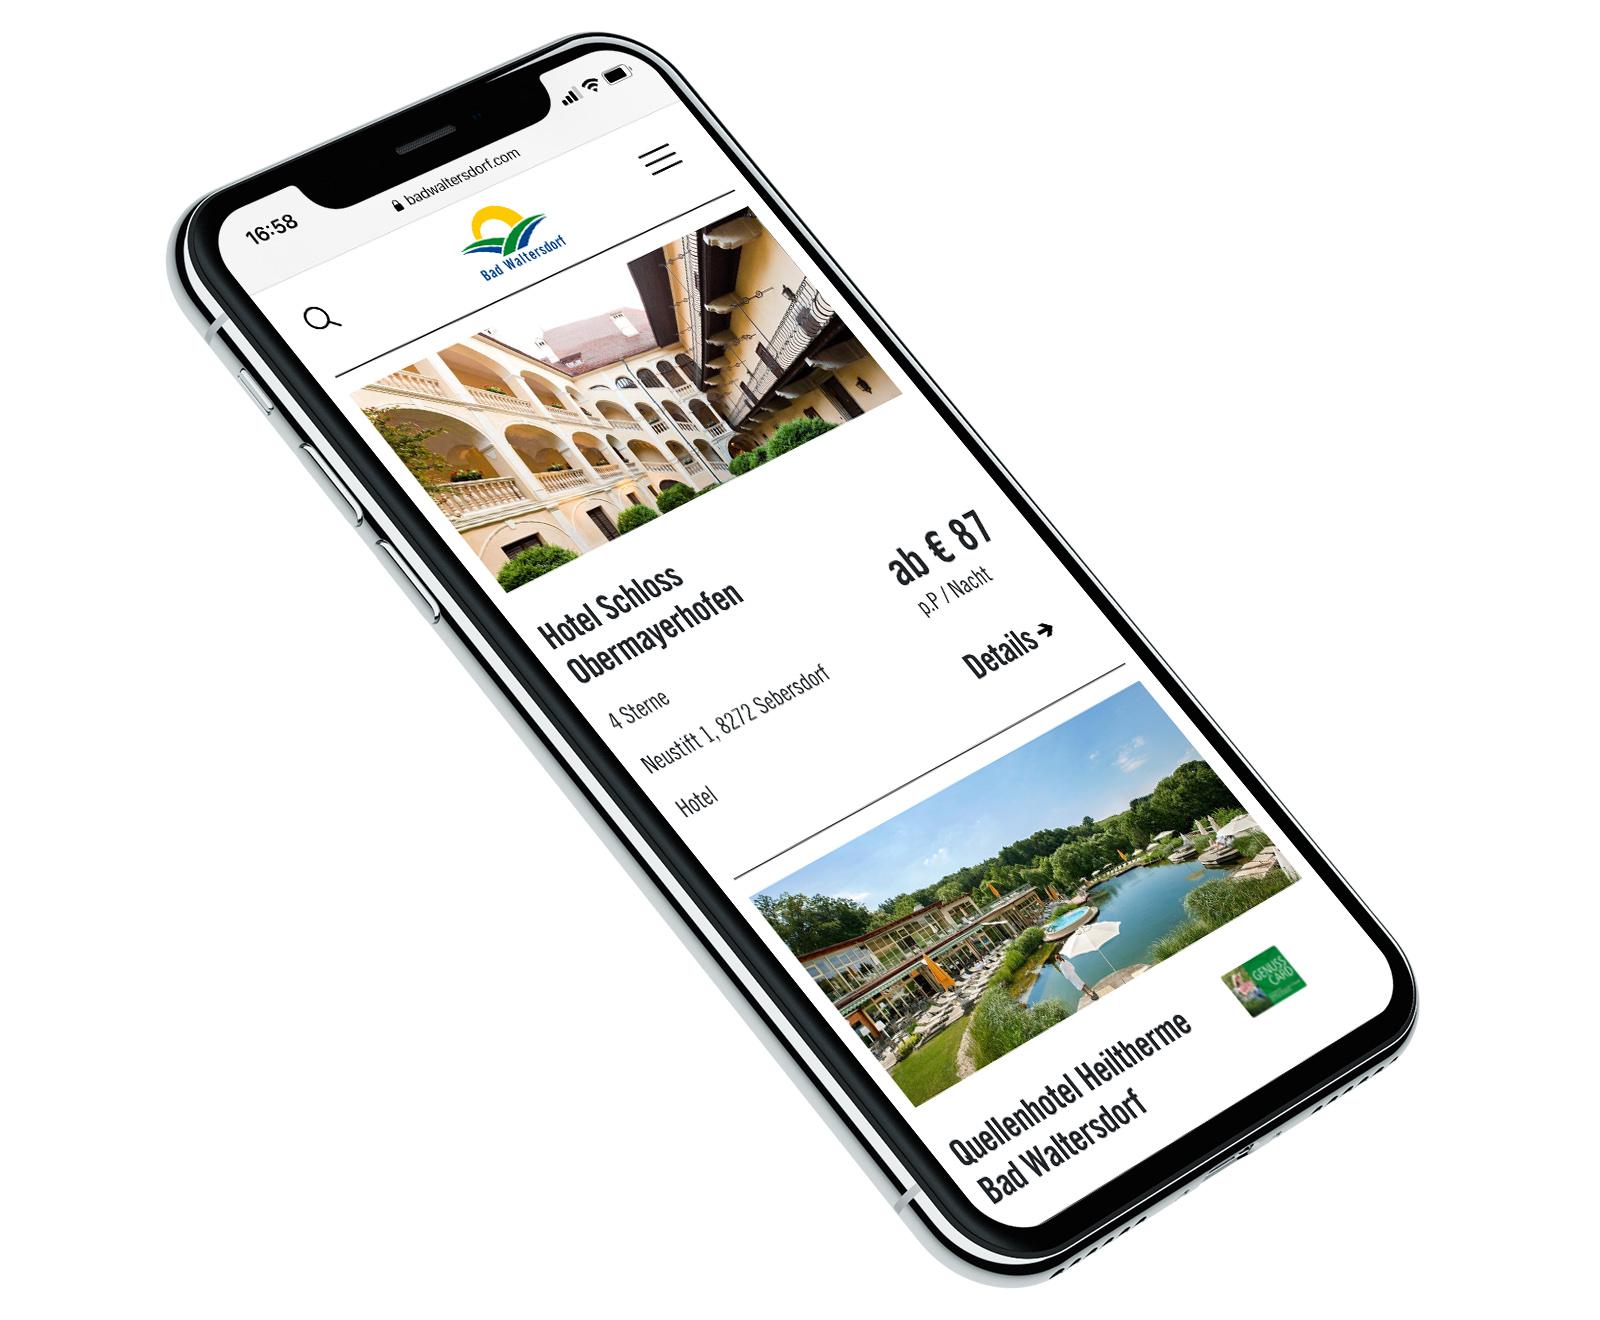 Smartphone mit der Webseite der Tourismusregion Bad Waltersdorf